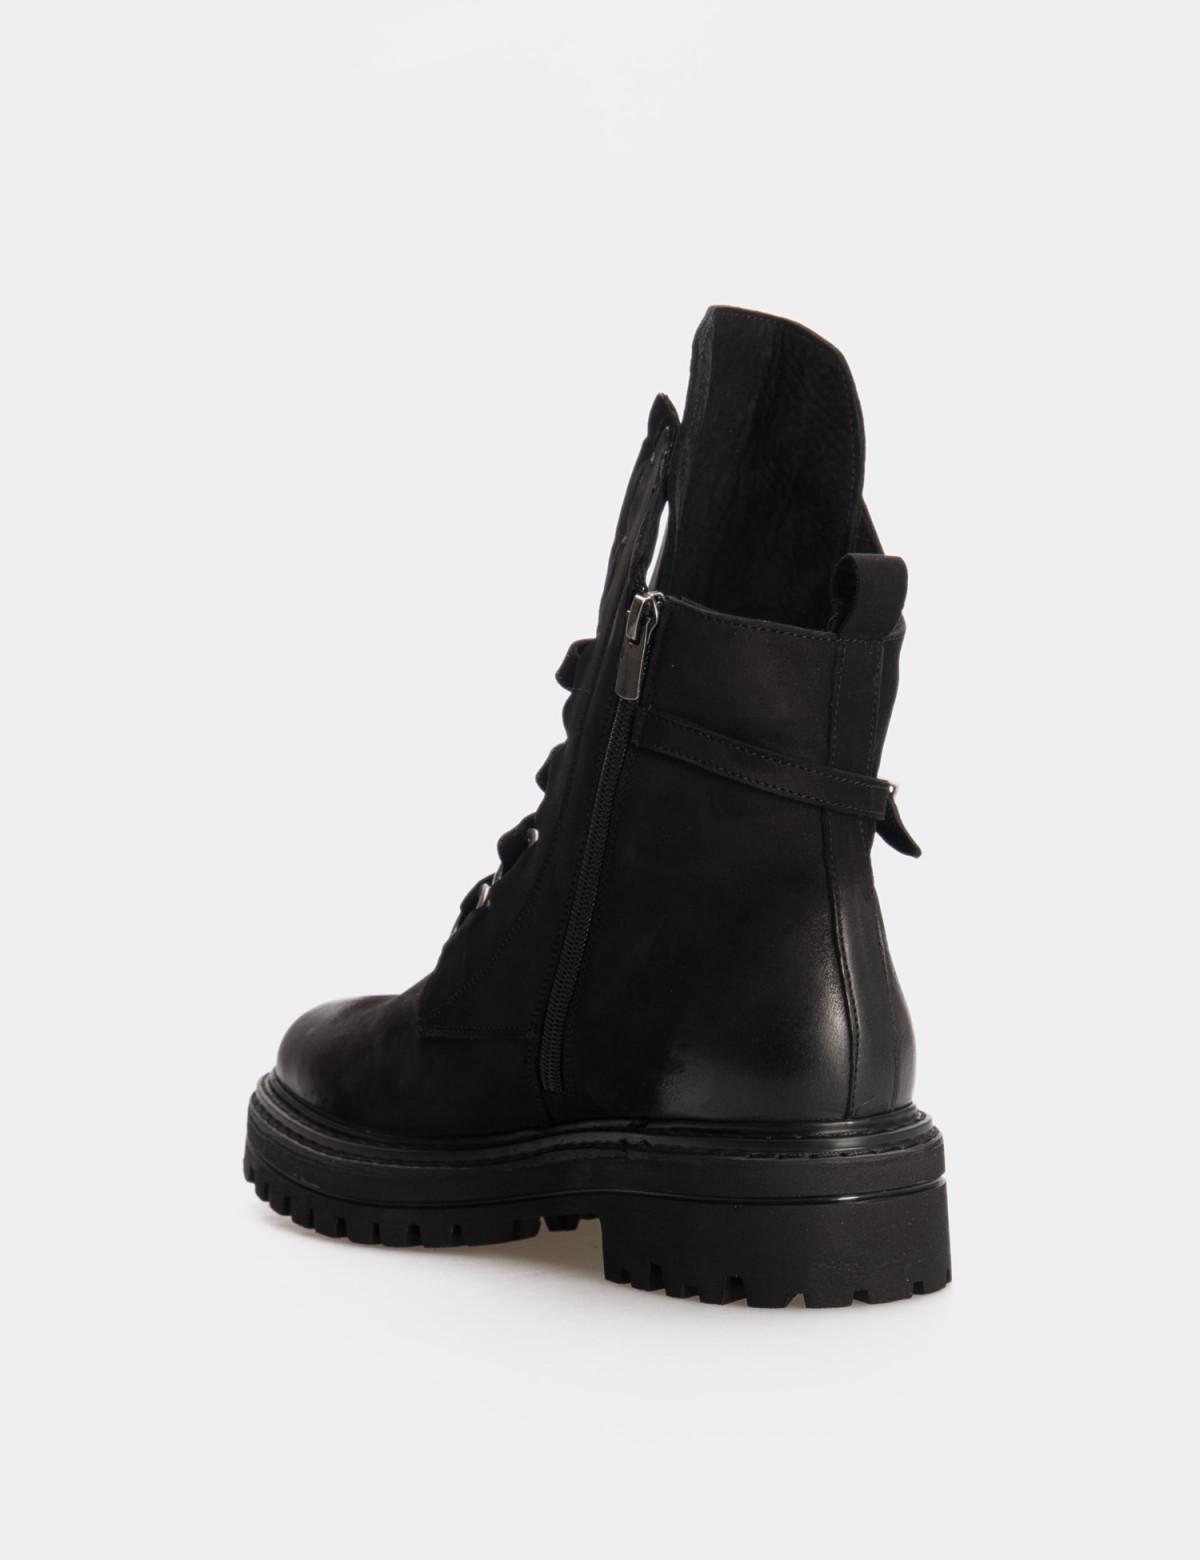 Ботинки черные. Натуральный нубук. Байка2